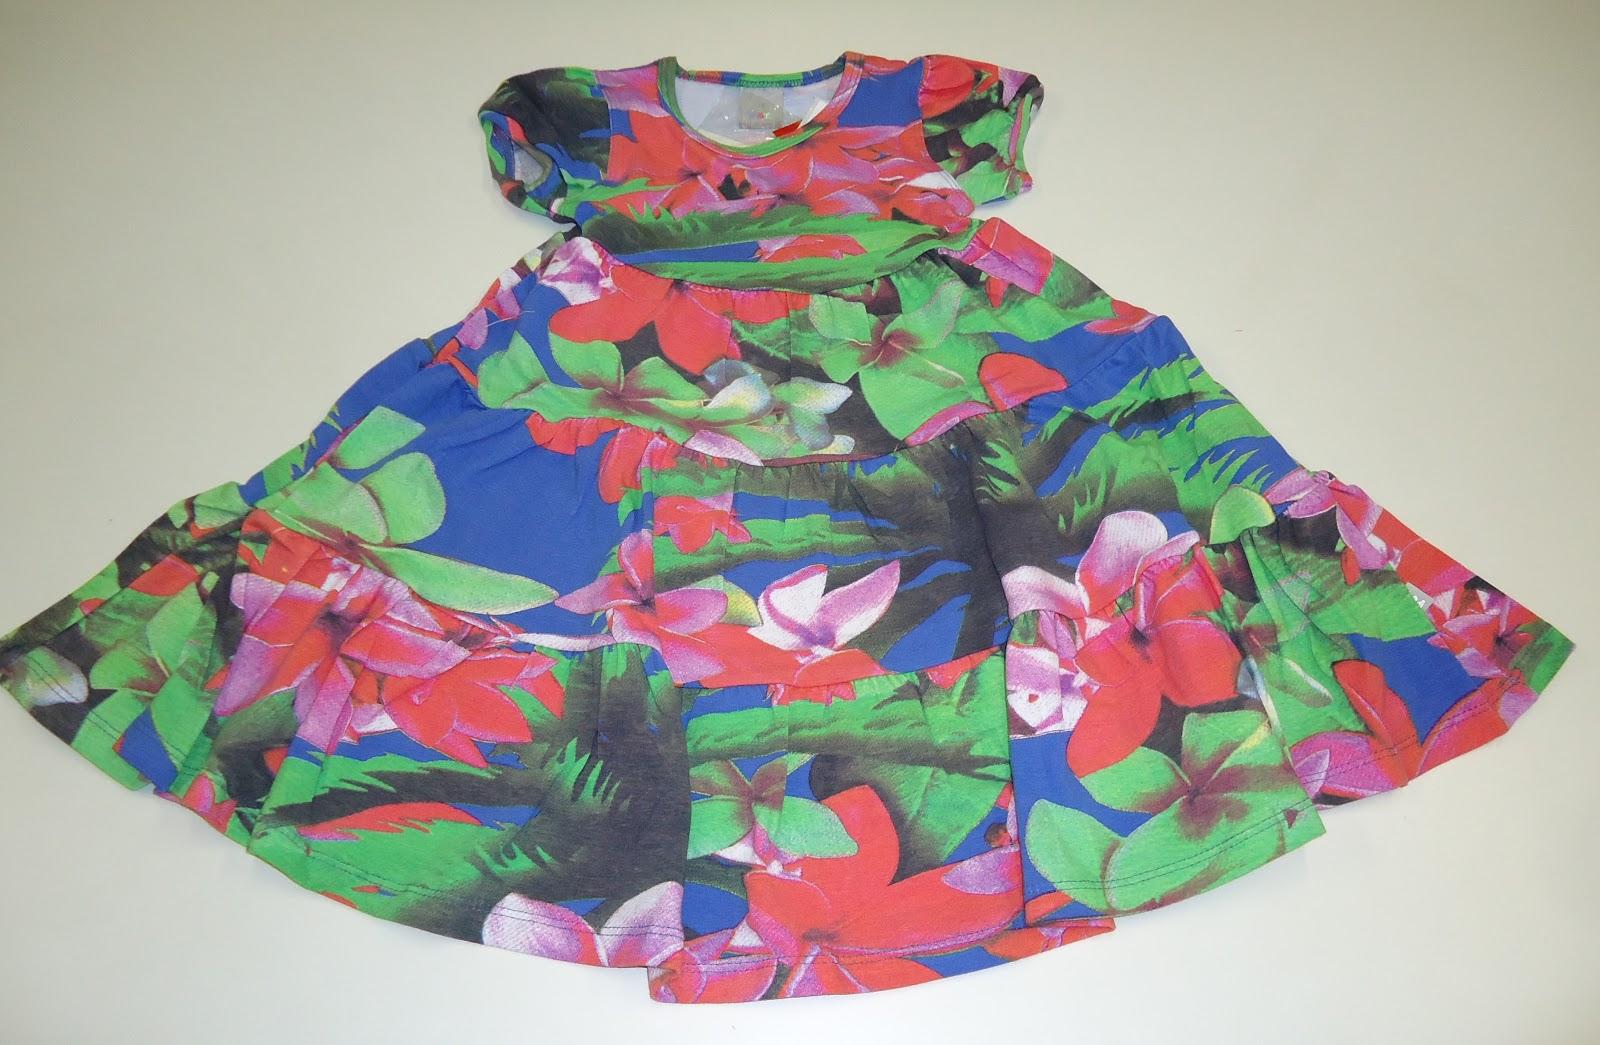 72fafb2a6 ... são sempre uma ótima pedida. Na Trianinha você encontra vestidos  confortáveis, charmosos e com cores vibrantes que são a cara do verão.  Confiram: